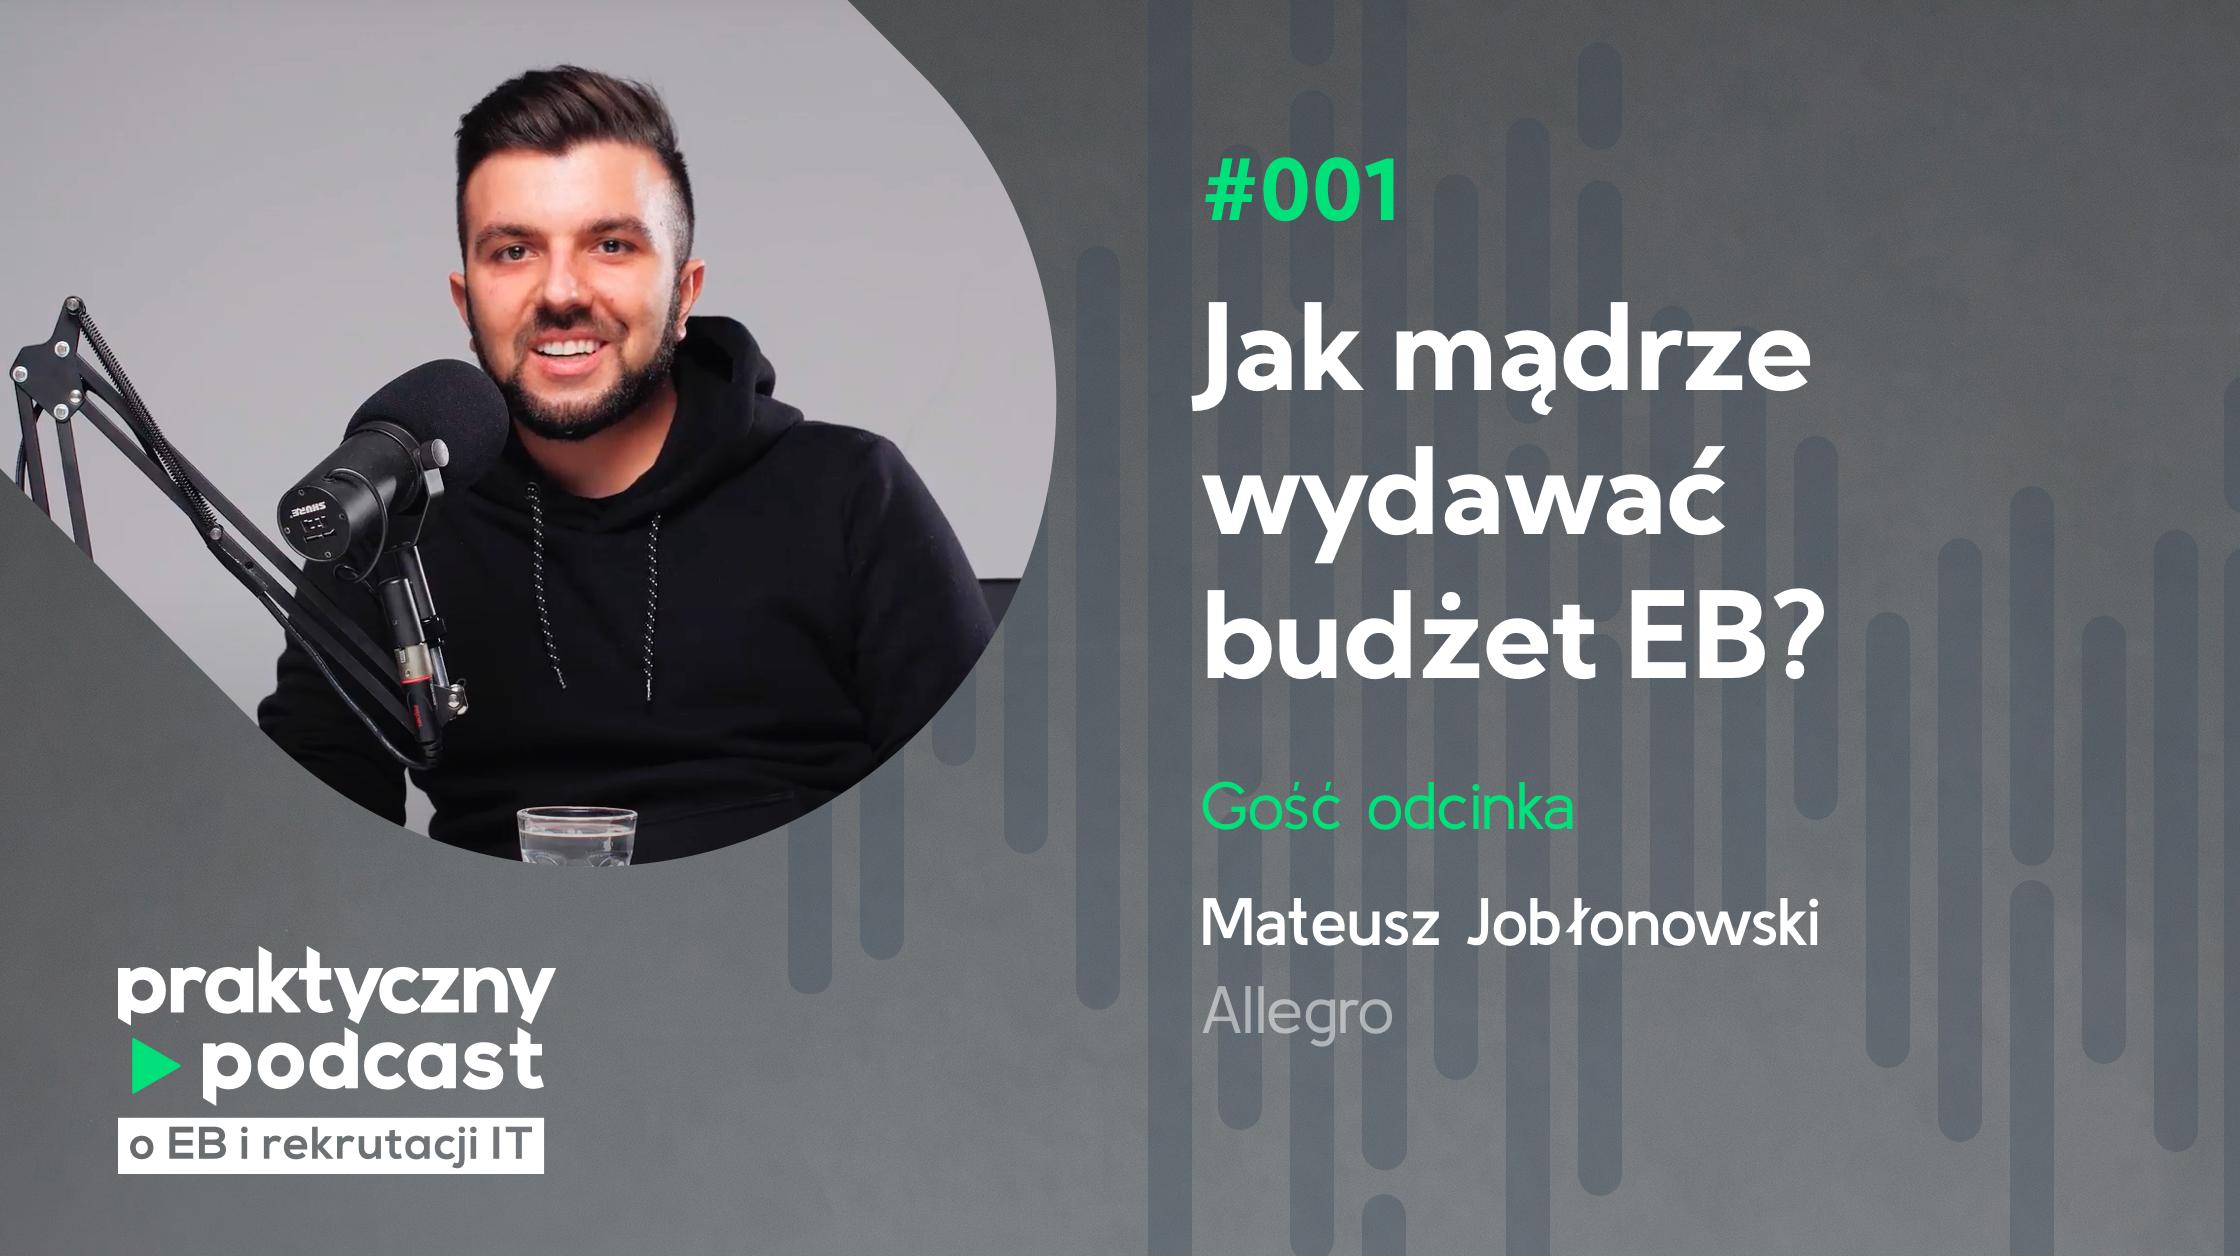 #001 Jak mądrze wydawać budżet EB? Mateusz Jabłonowski, Allegro